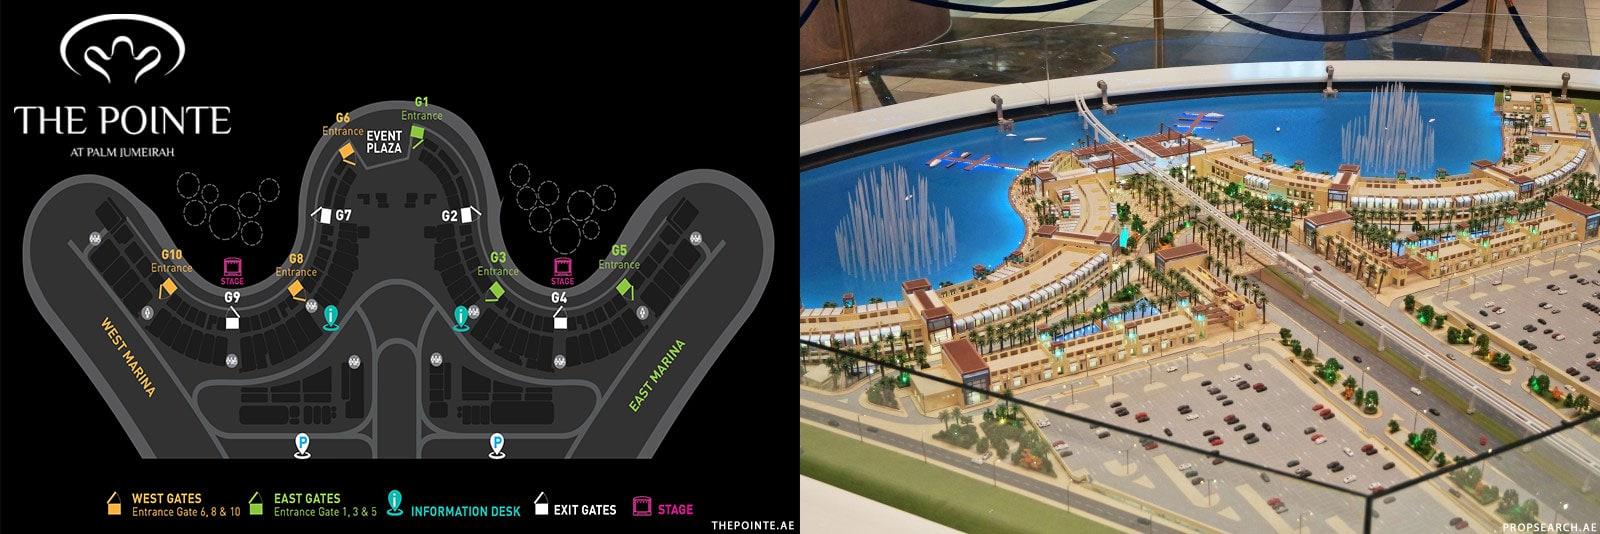 Map, Plan, The Pointe at Palm Jumeirah, Dubai